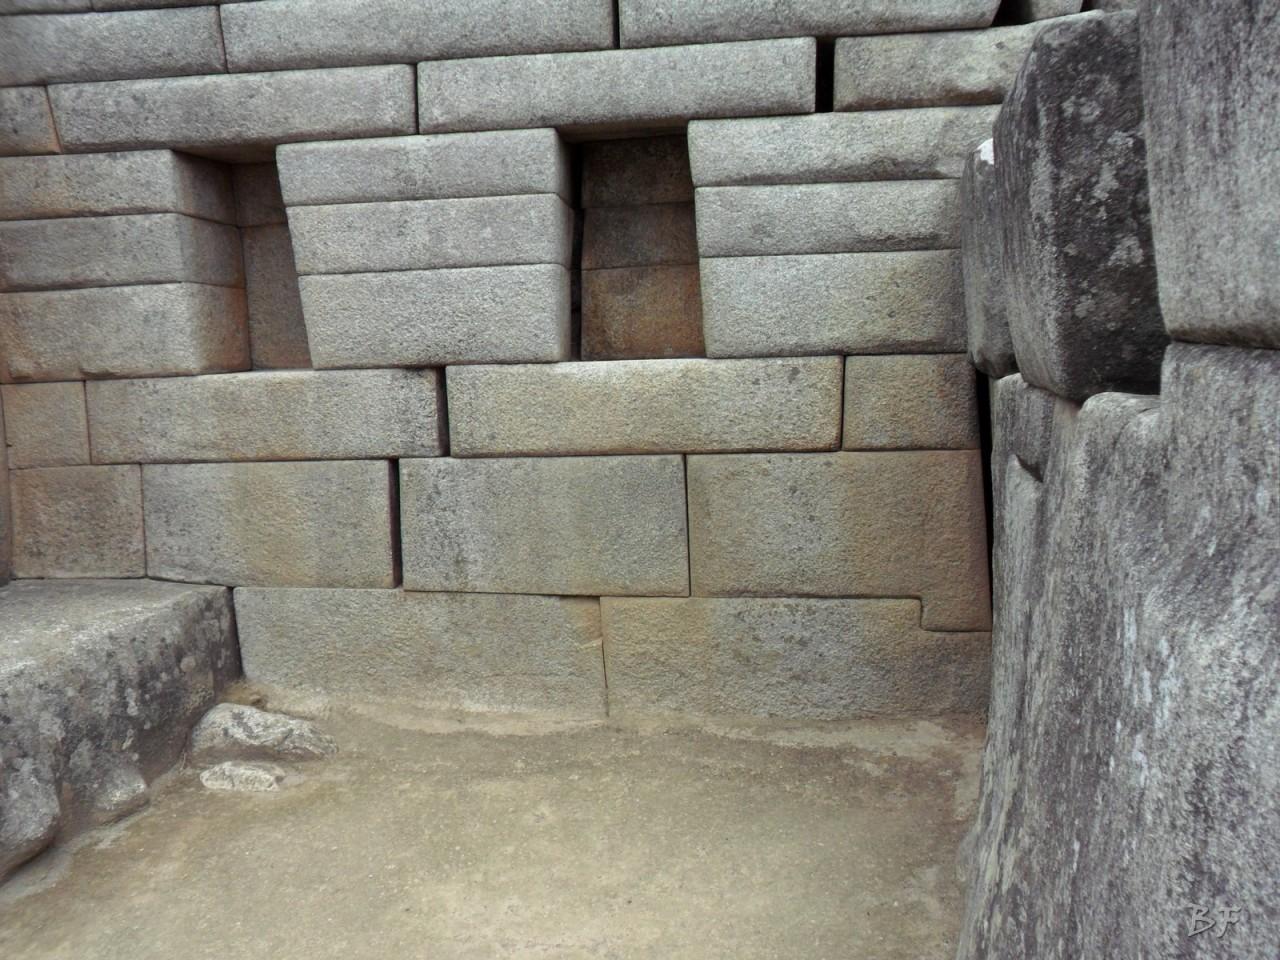 Mura-Poligonali-Incisioni-Altari-Edifici-Rupestri-Megaliti-Machu-Picchu-Aguas-Calientes-Urubamba-Cusco-Perù-110